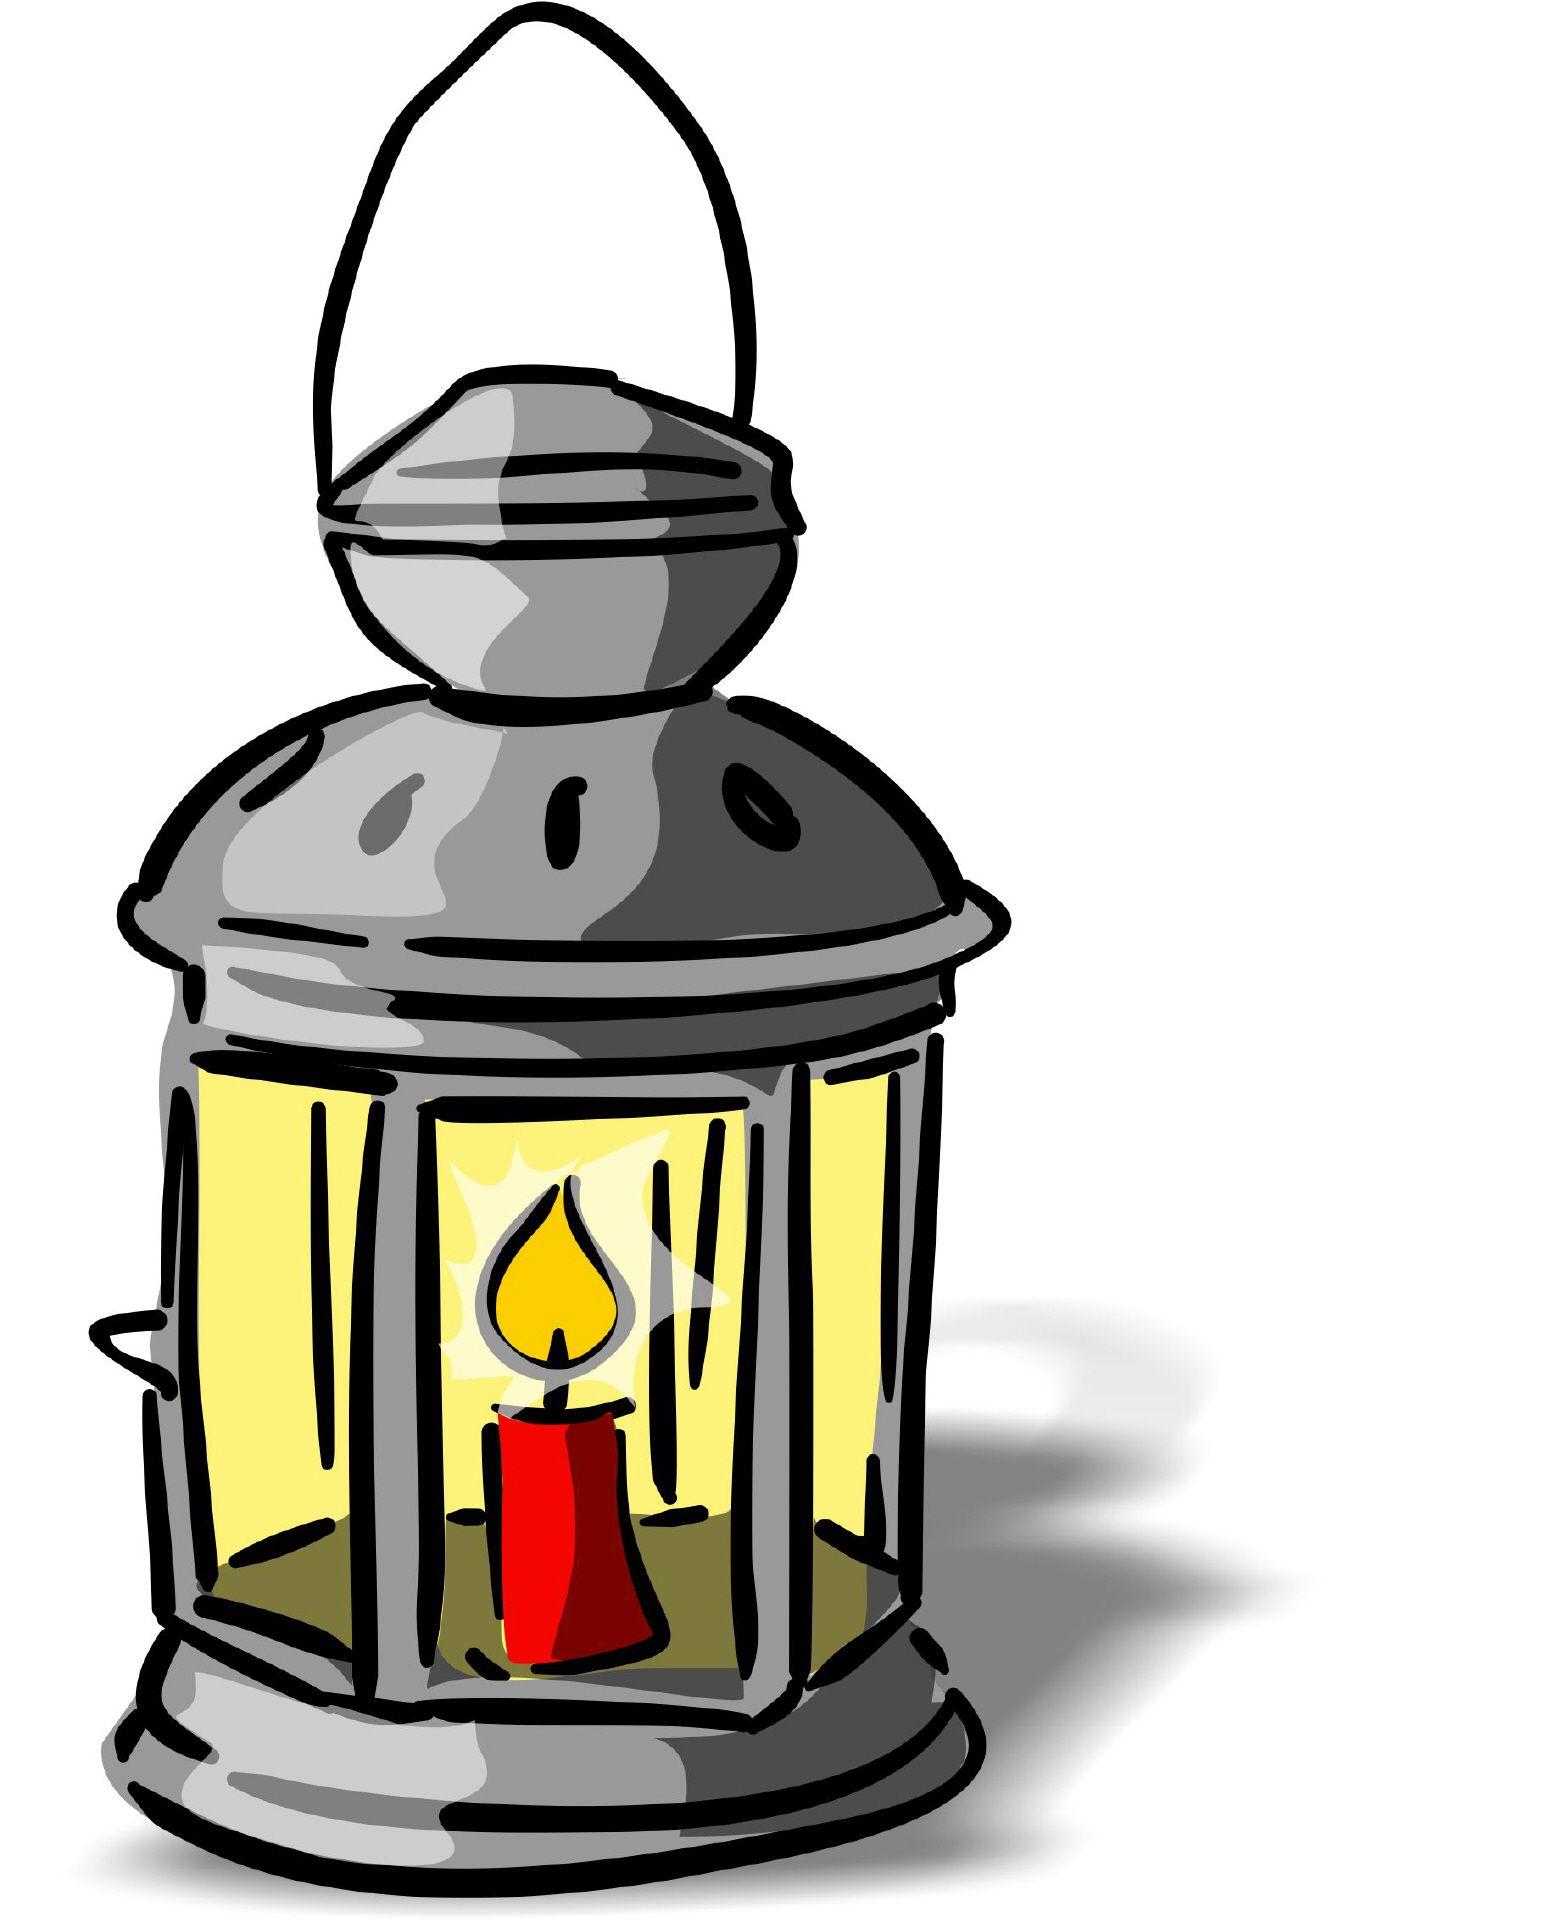 SYmbole biblisch Licht | Symbole biblisch | Pinterest